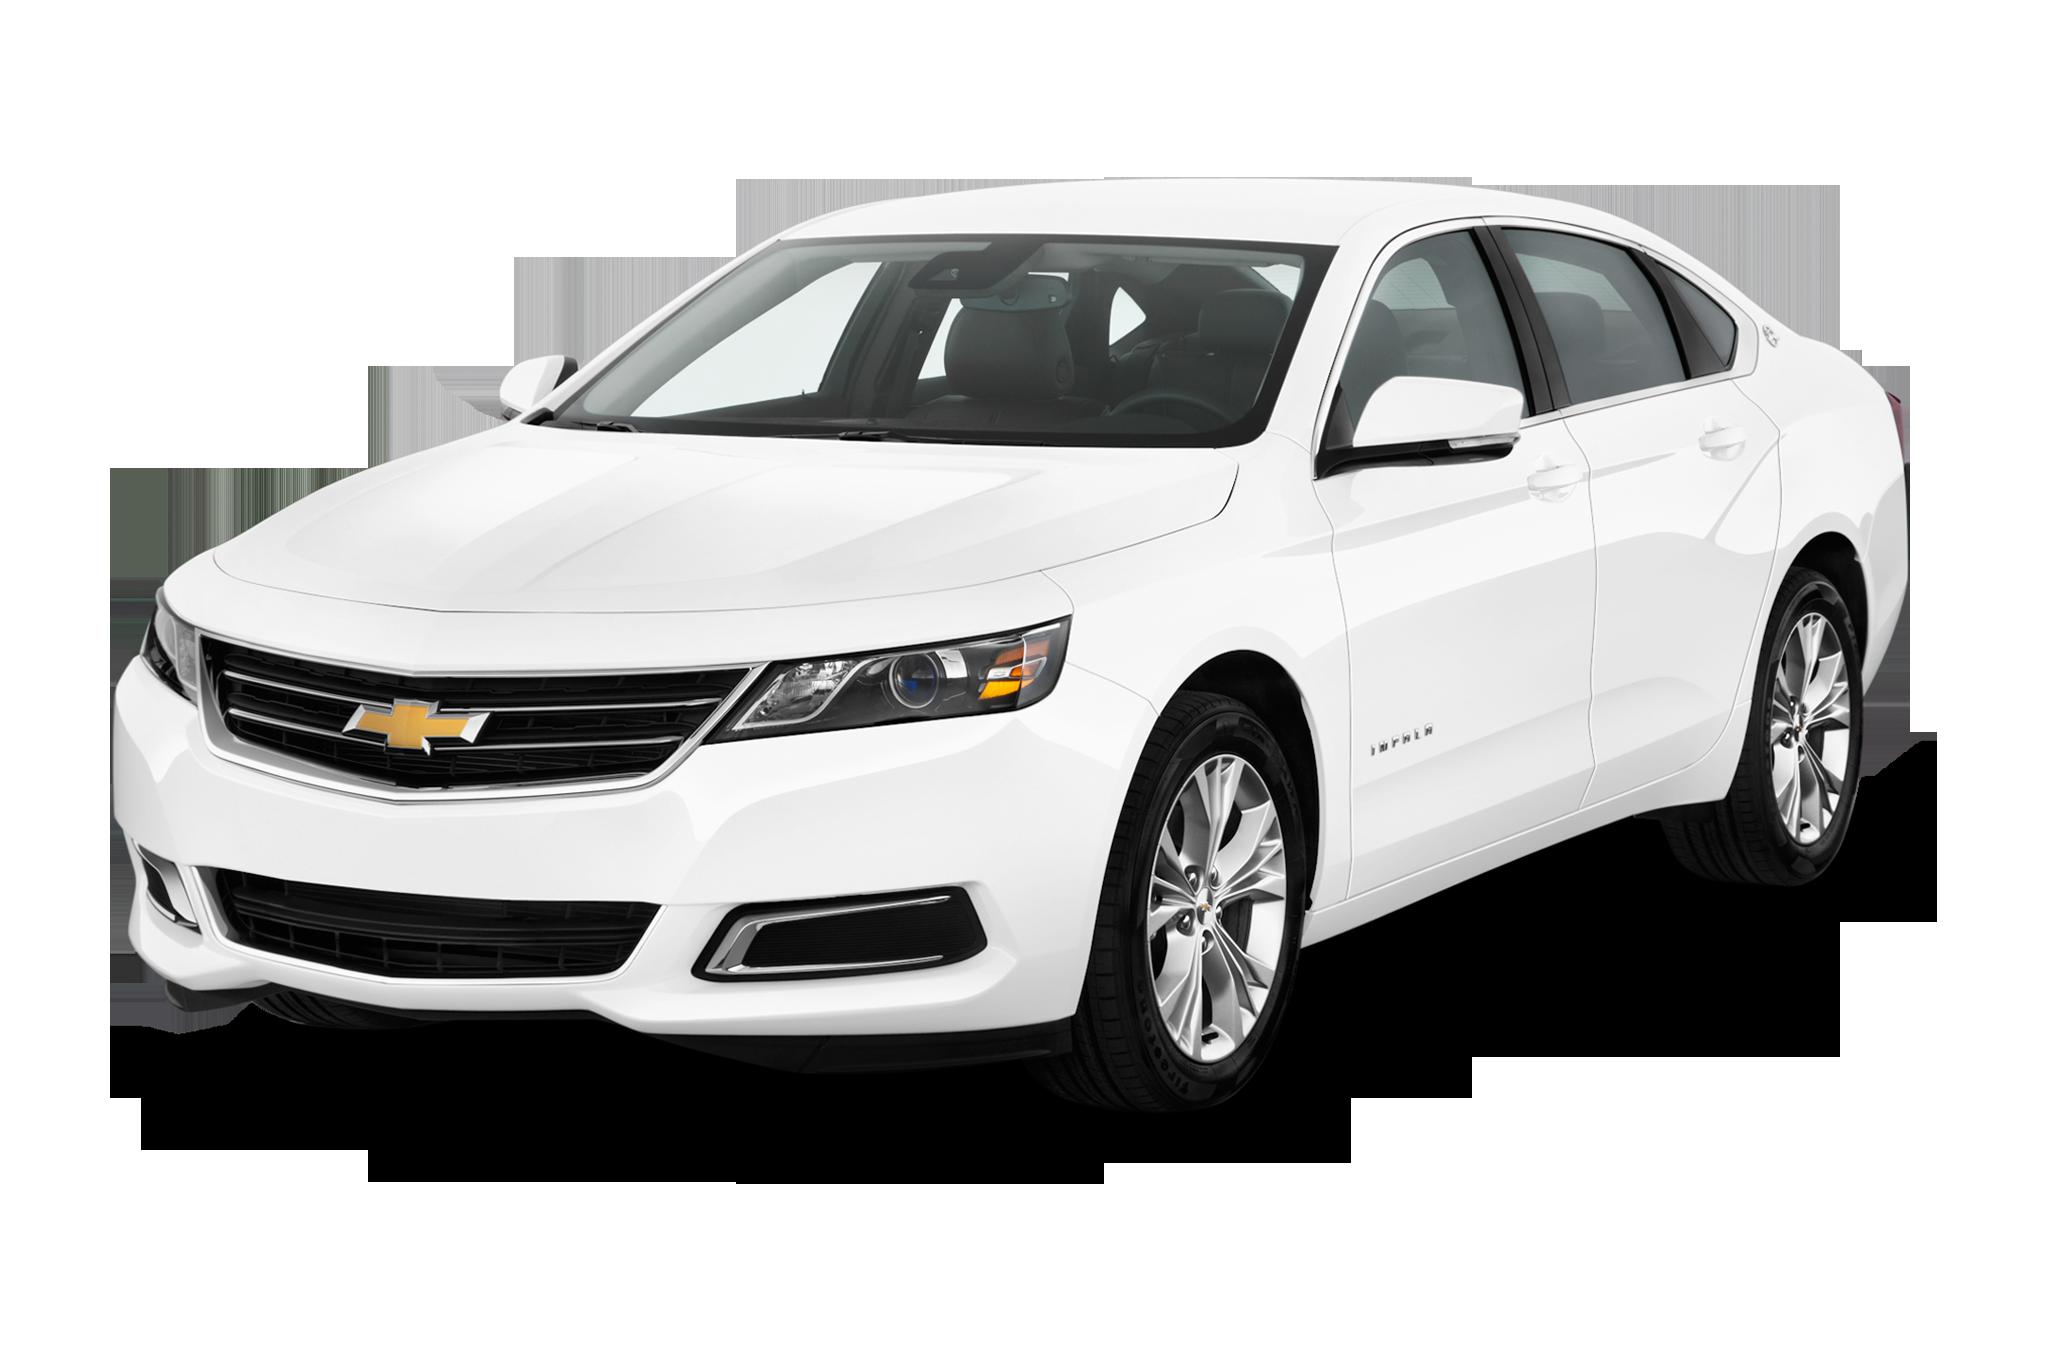 Chevrolet Impala 2017 France – Idée d image de voiture